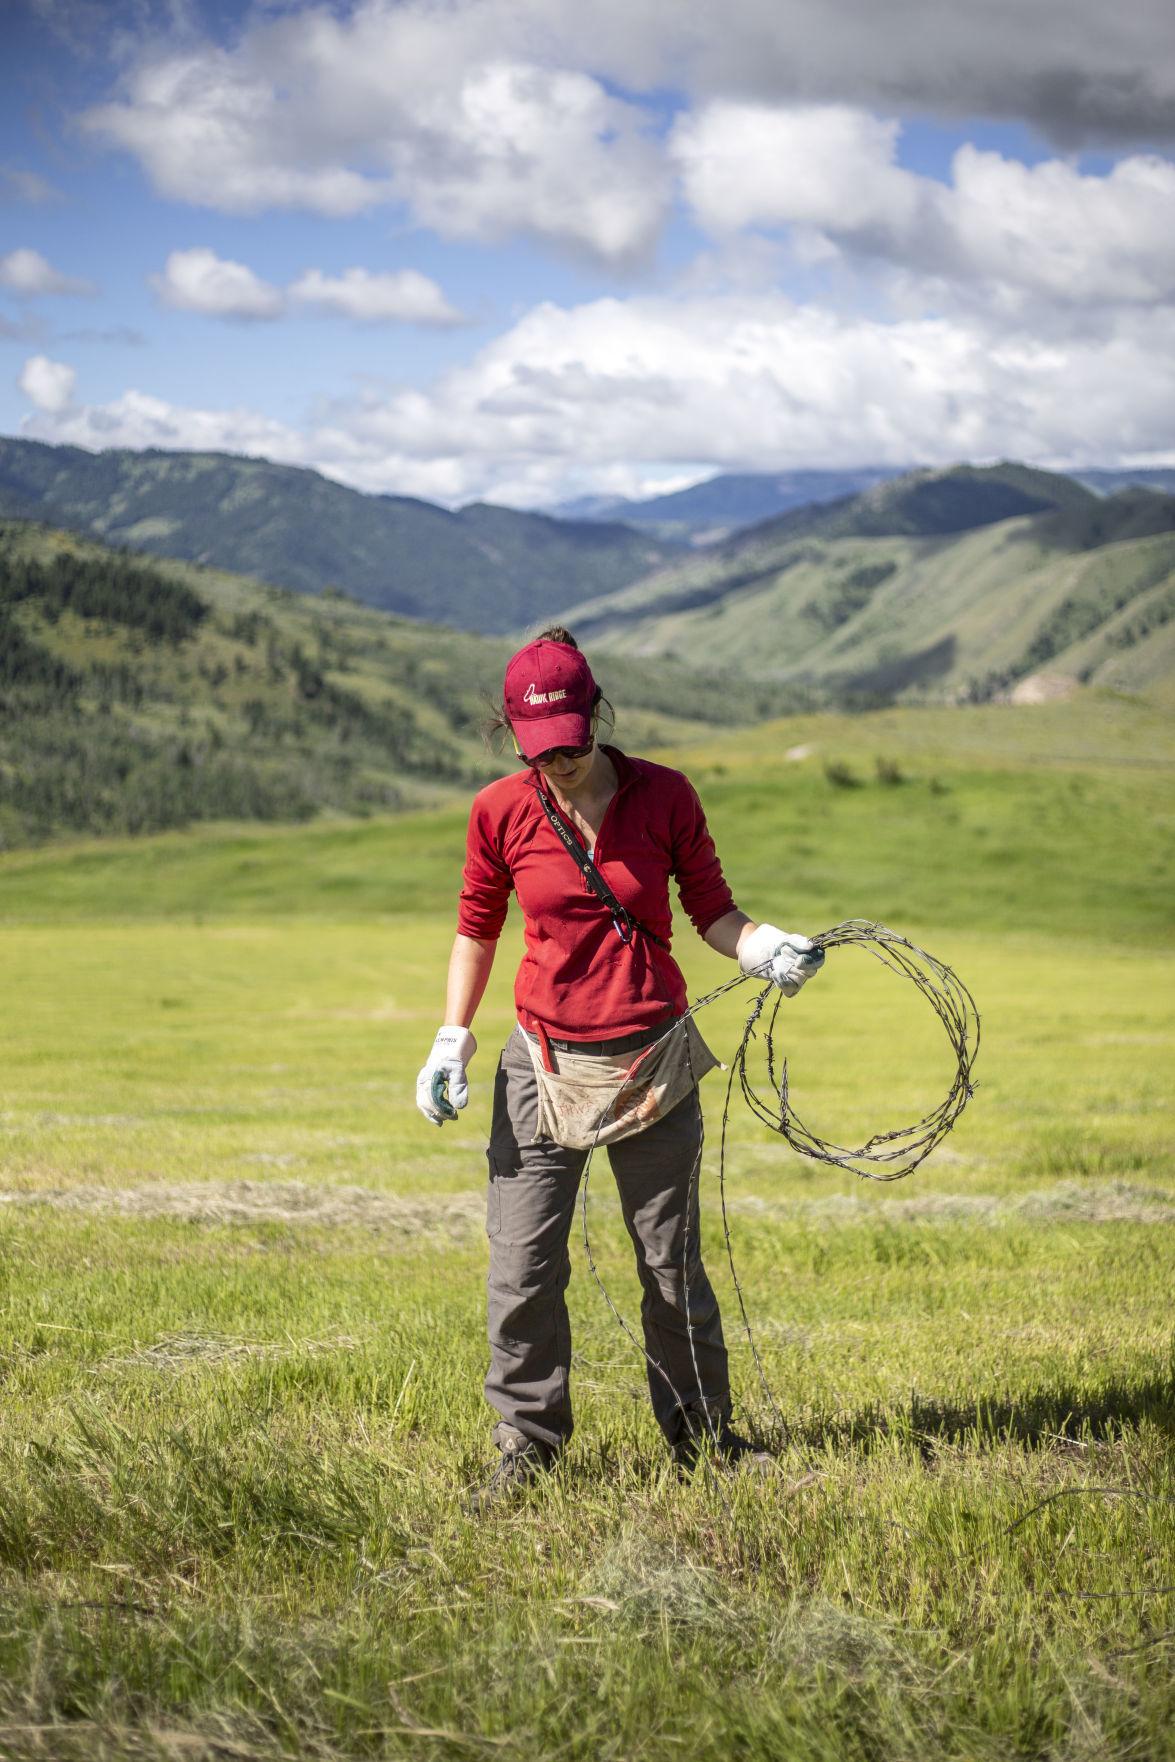 Volunteer Fence-Pullers Make Wildlife Migration Safer